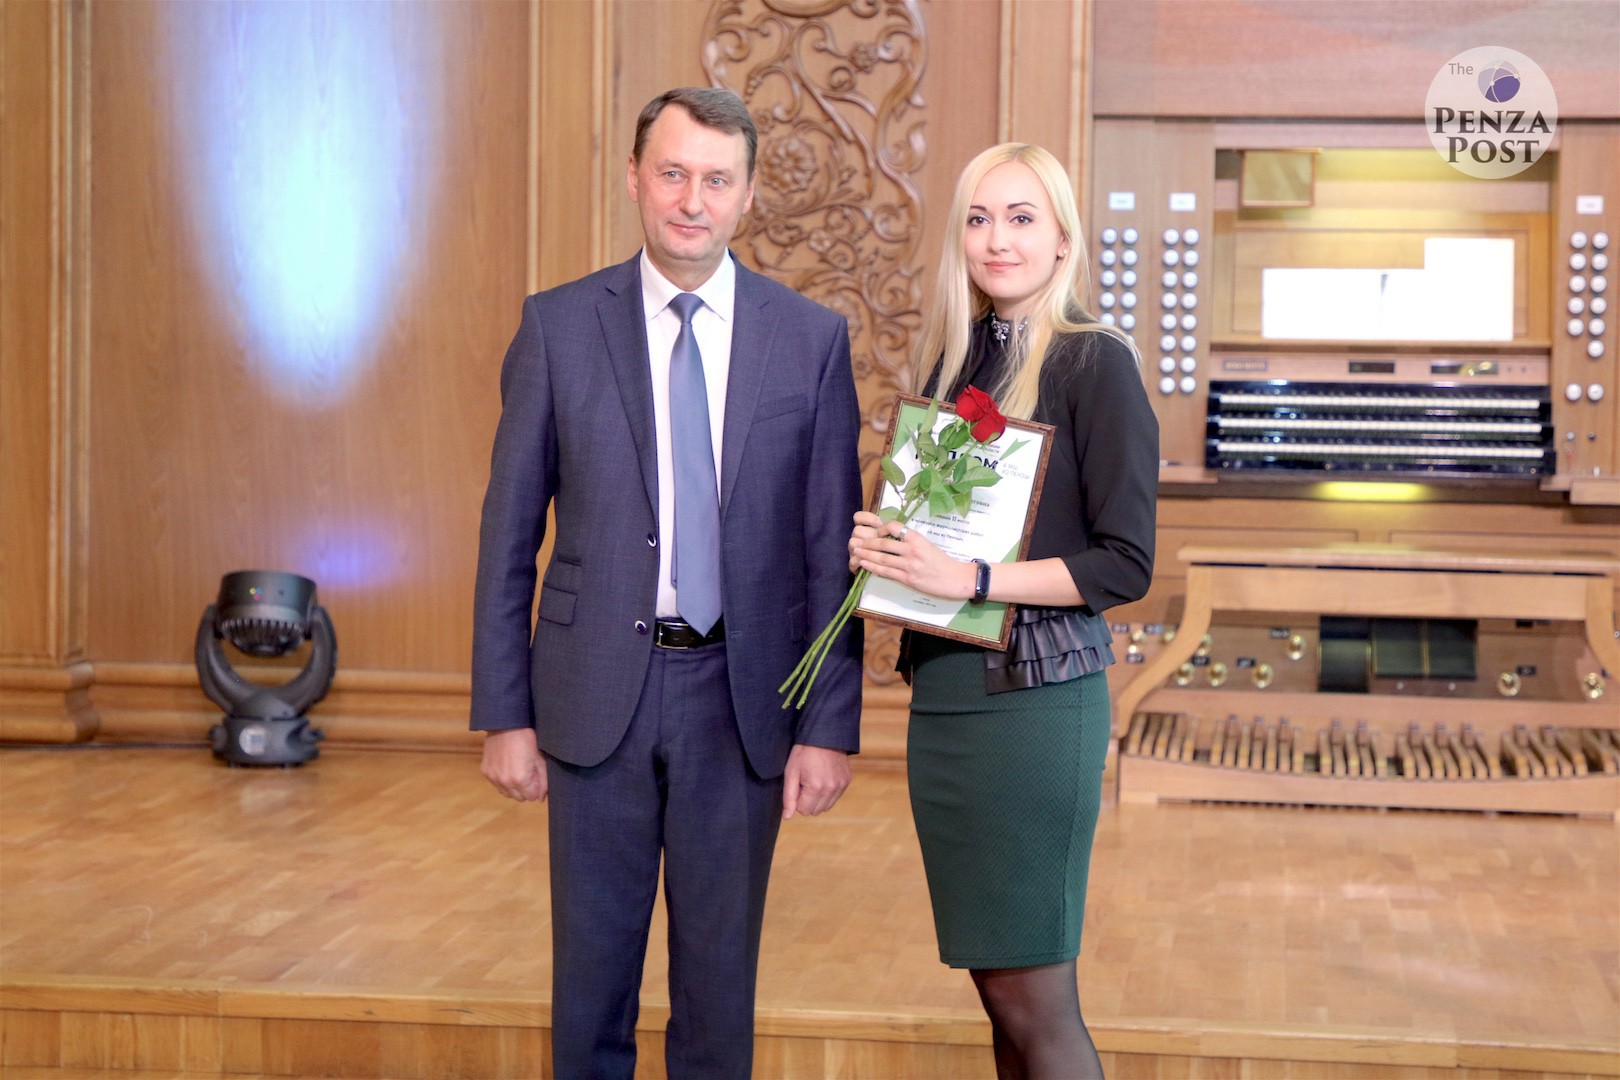 Номинанты фестиваля СМИ «А мы из Пензы - 2021» получили дипломы и премии от Олега Мельниченко - лица, образы, эмоции в 70 фото и видео